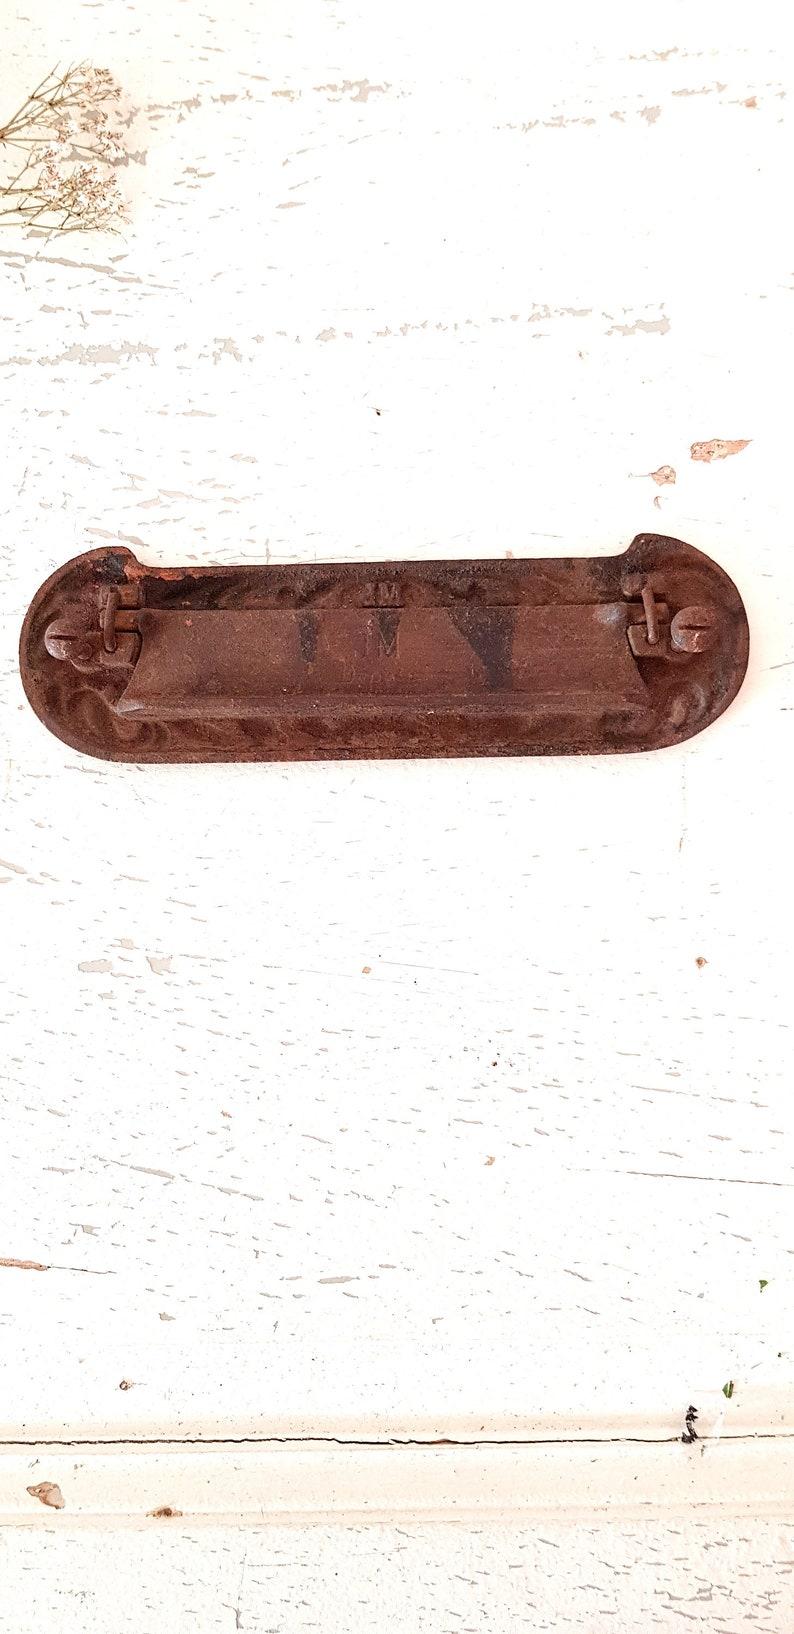 French Art Nouveau Cast Iron Mailbox Antique Door Letter Slot Architectural Salvage